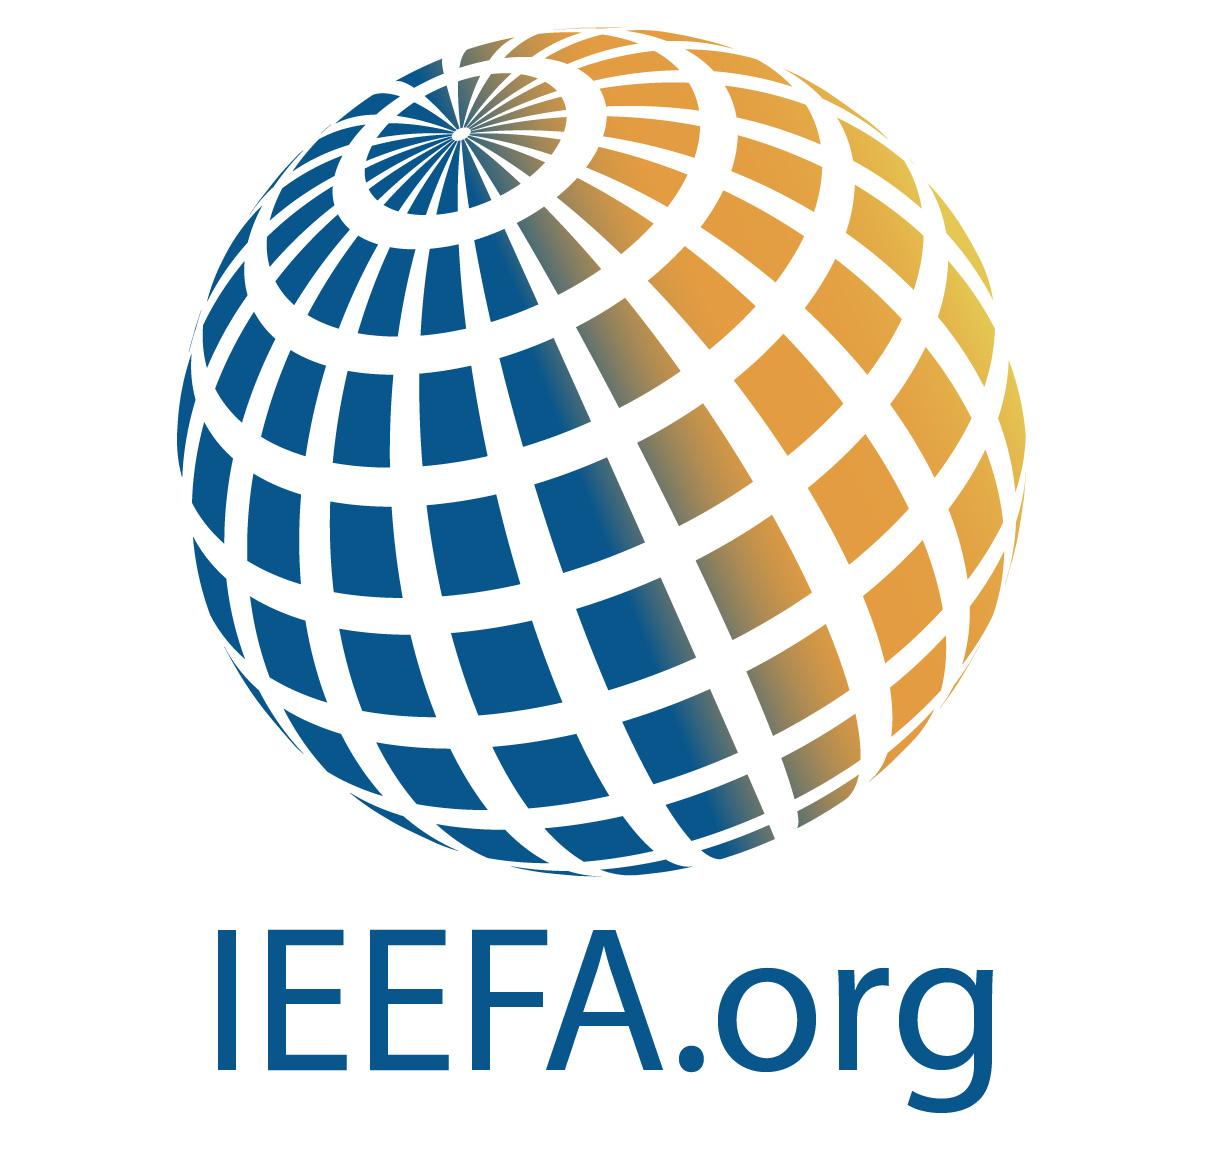 IEEFA logo